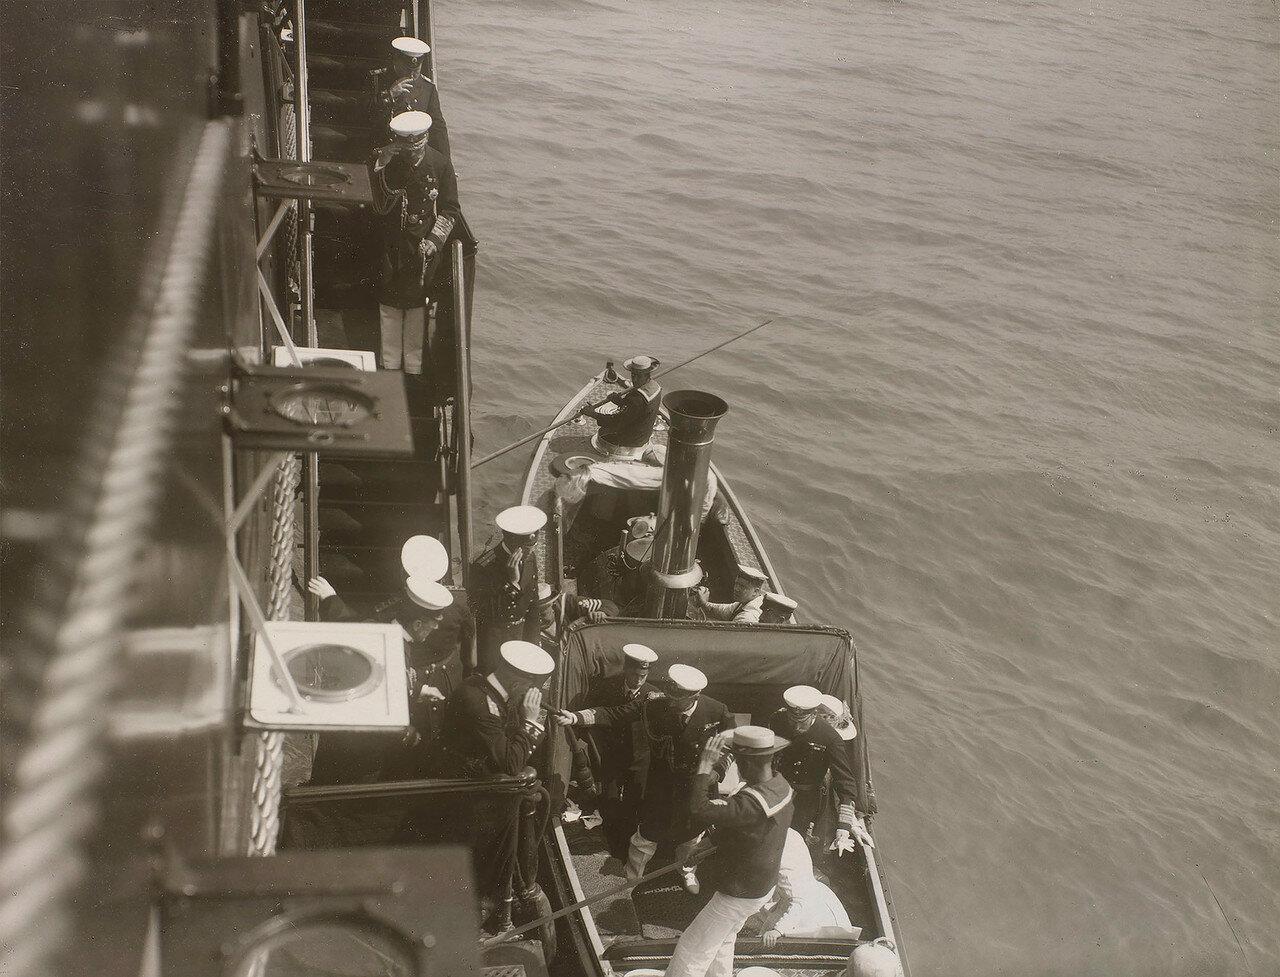 04. Николай II встречает членов британской королевской семьи, поднимающихся на борт Императорской яхты «Штандарт»